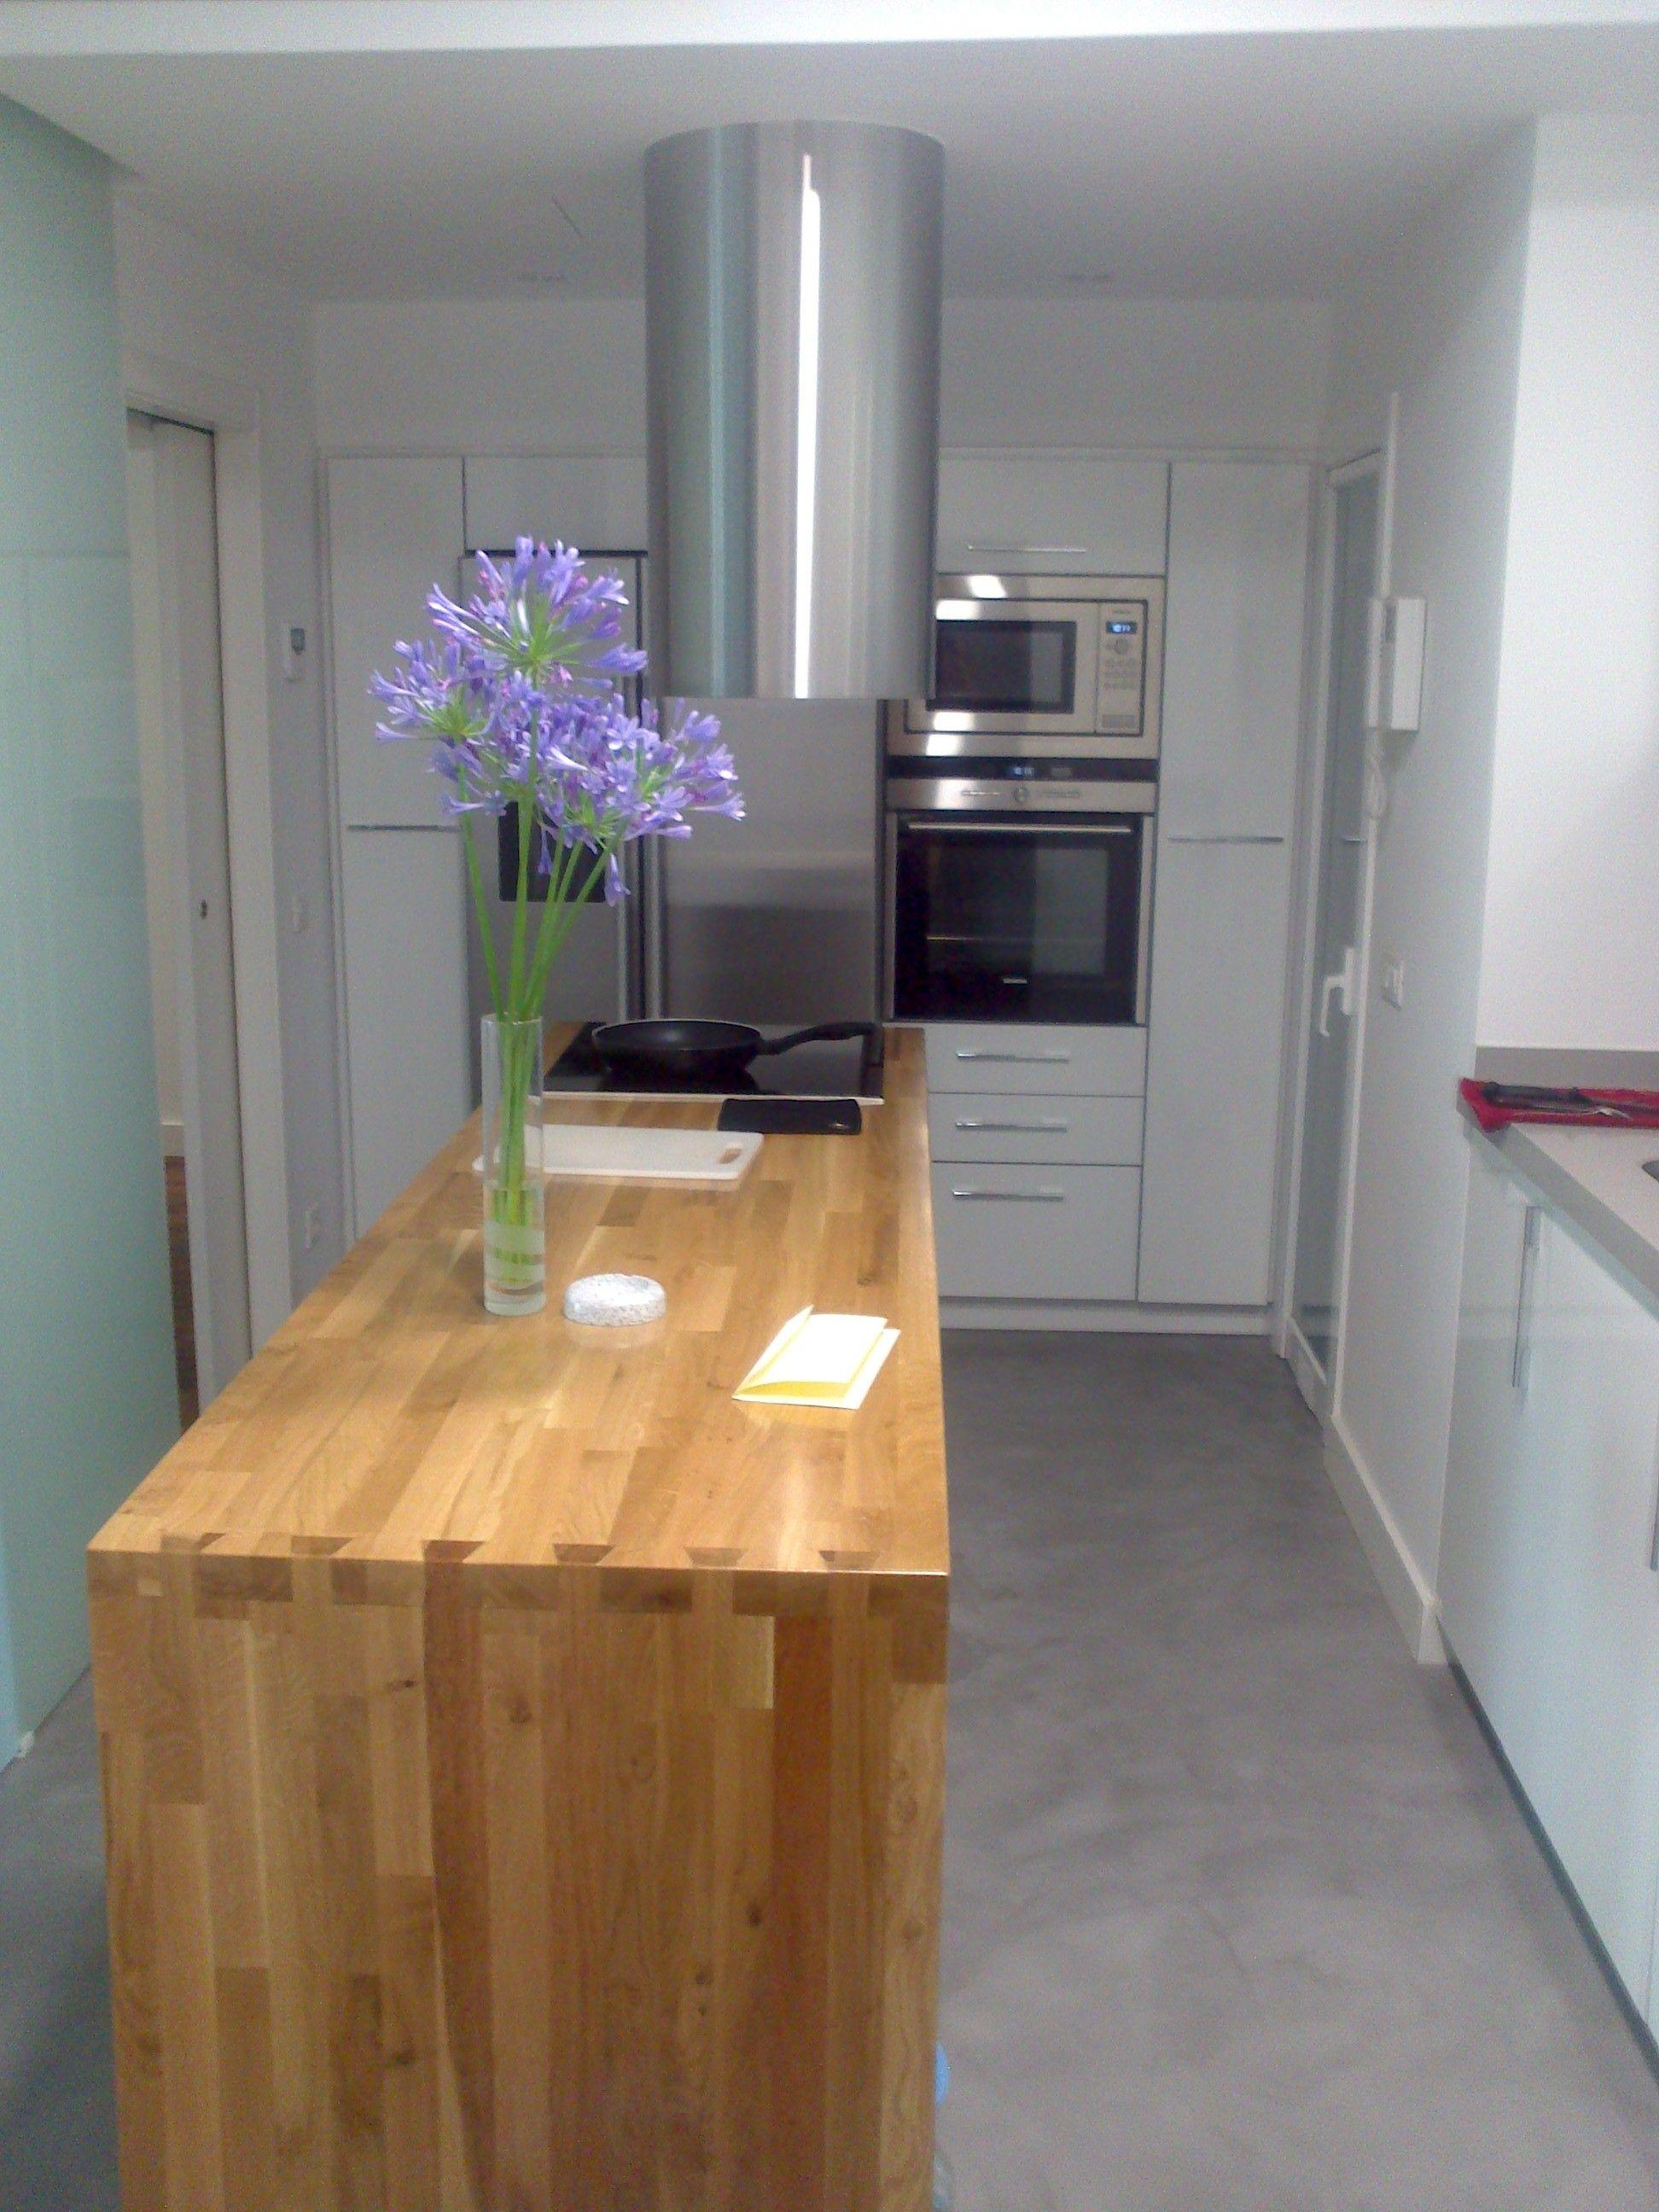 Mesa de cocina de madera maciza   Cocinas   Muebles, Cocina madera y ...